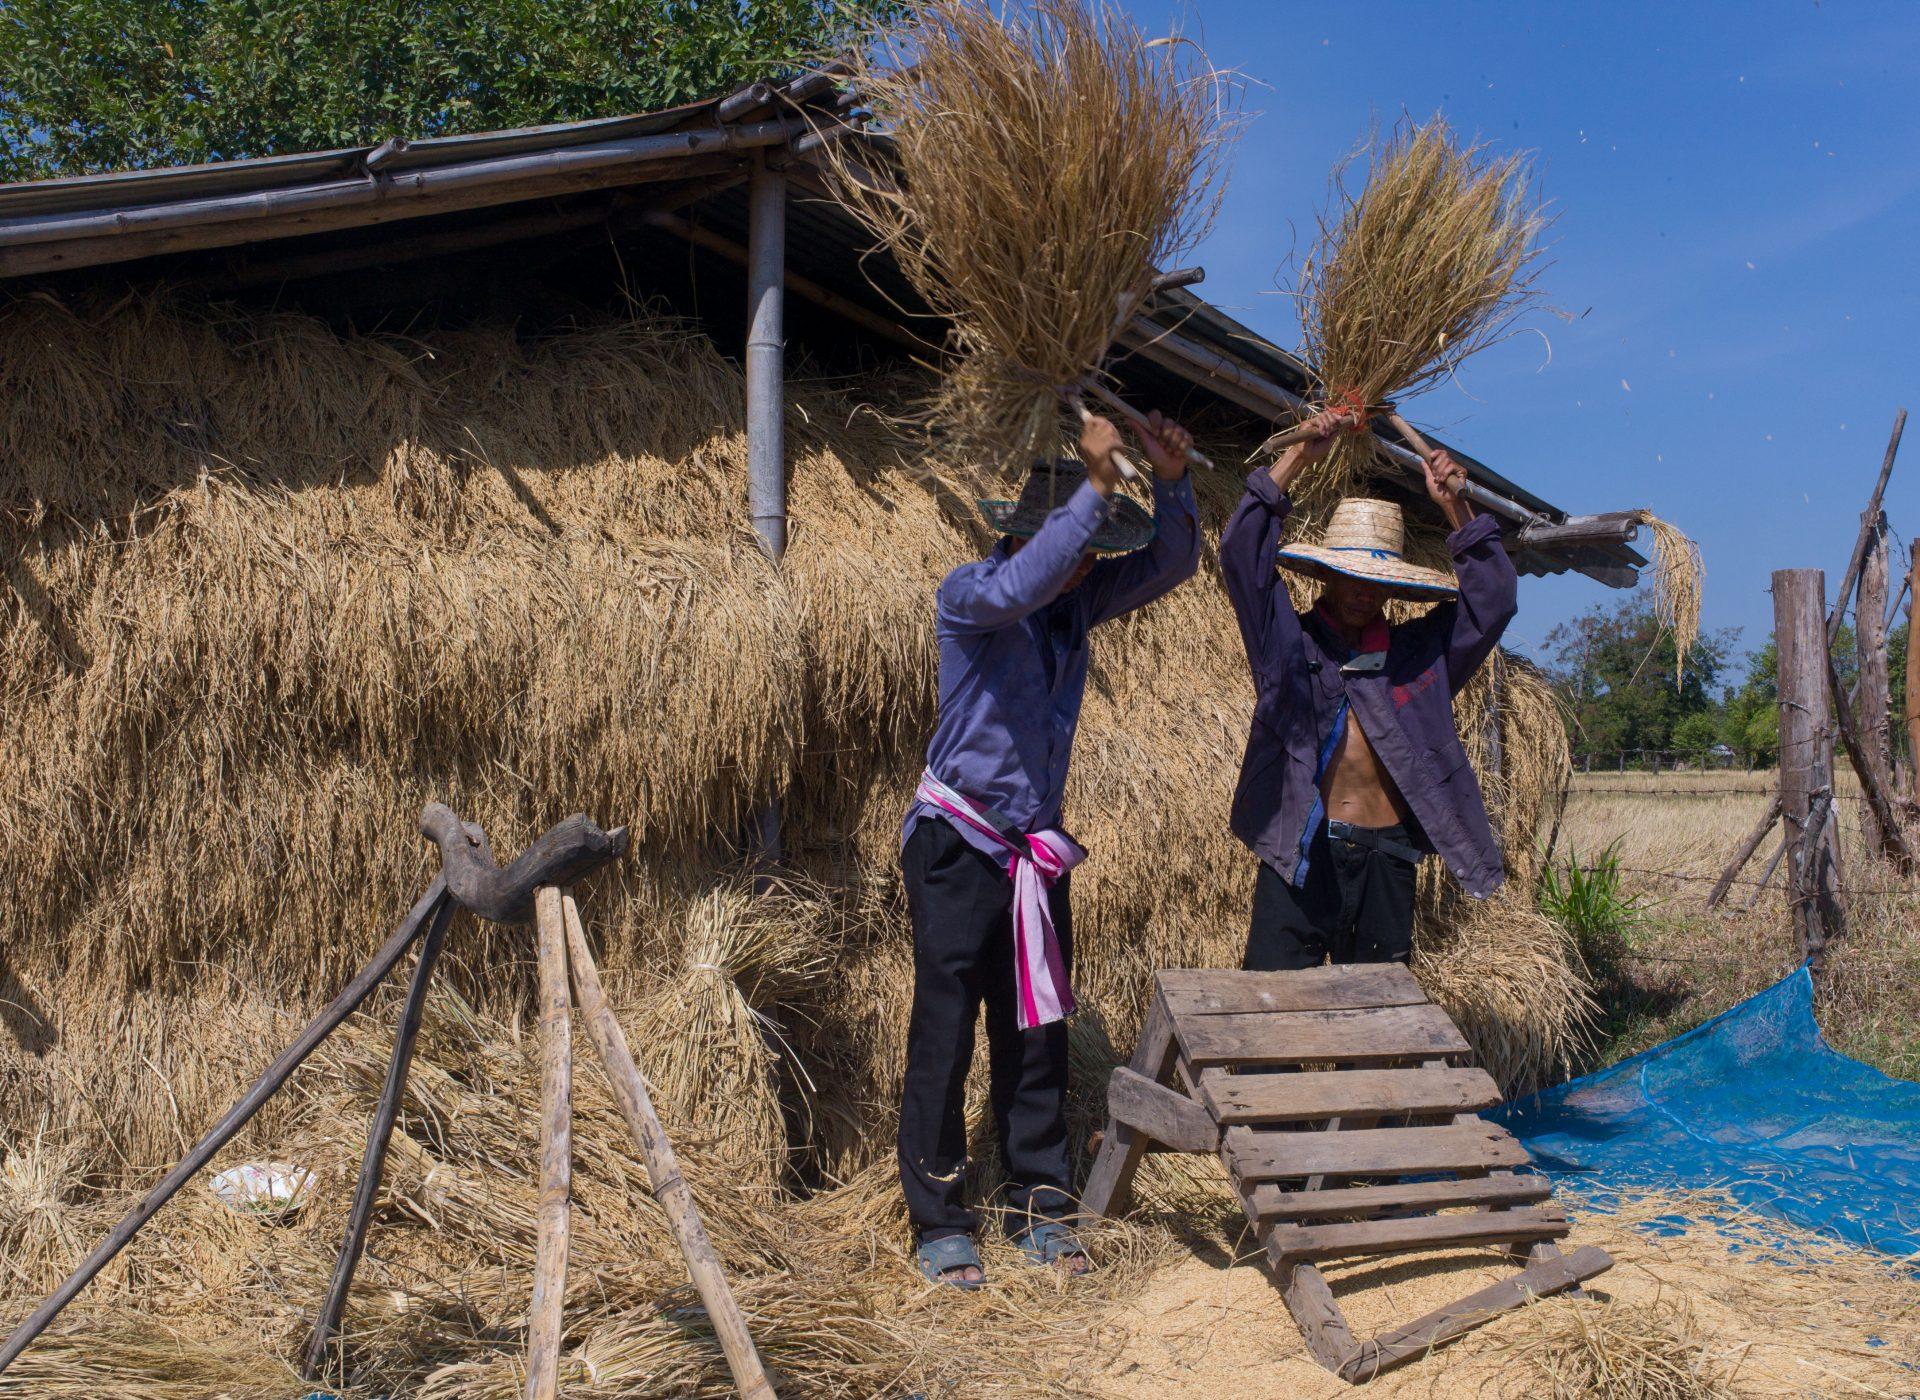 Arbeiter dreschen fair gehandelten Reis nach der Ernte